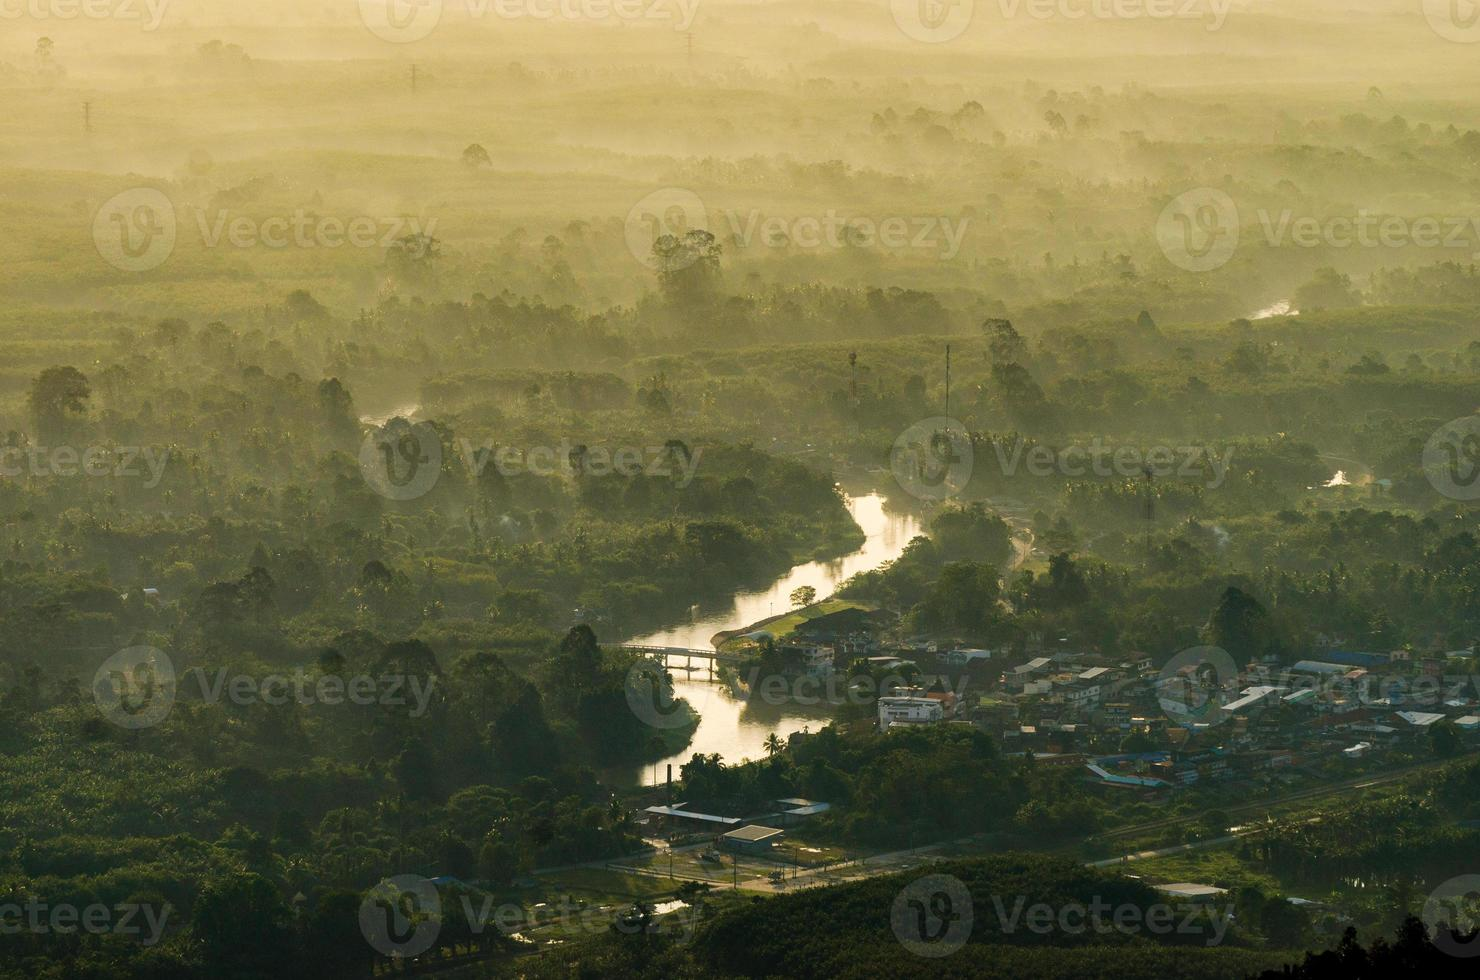 foto de la montaña sol de la mañana Tailandia vista en la cima de la colina con hermosas puestas de sol. distrito de nakhon si thammarat chawang